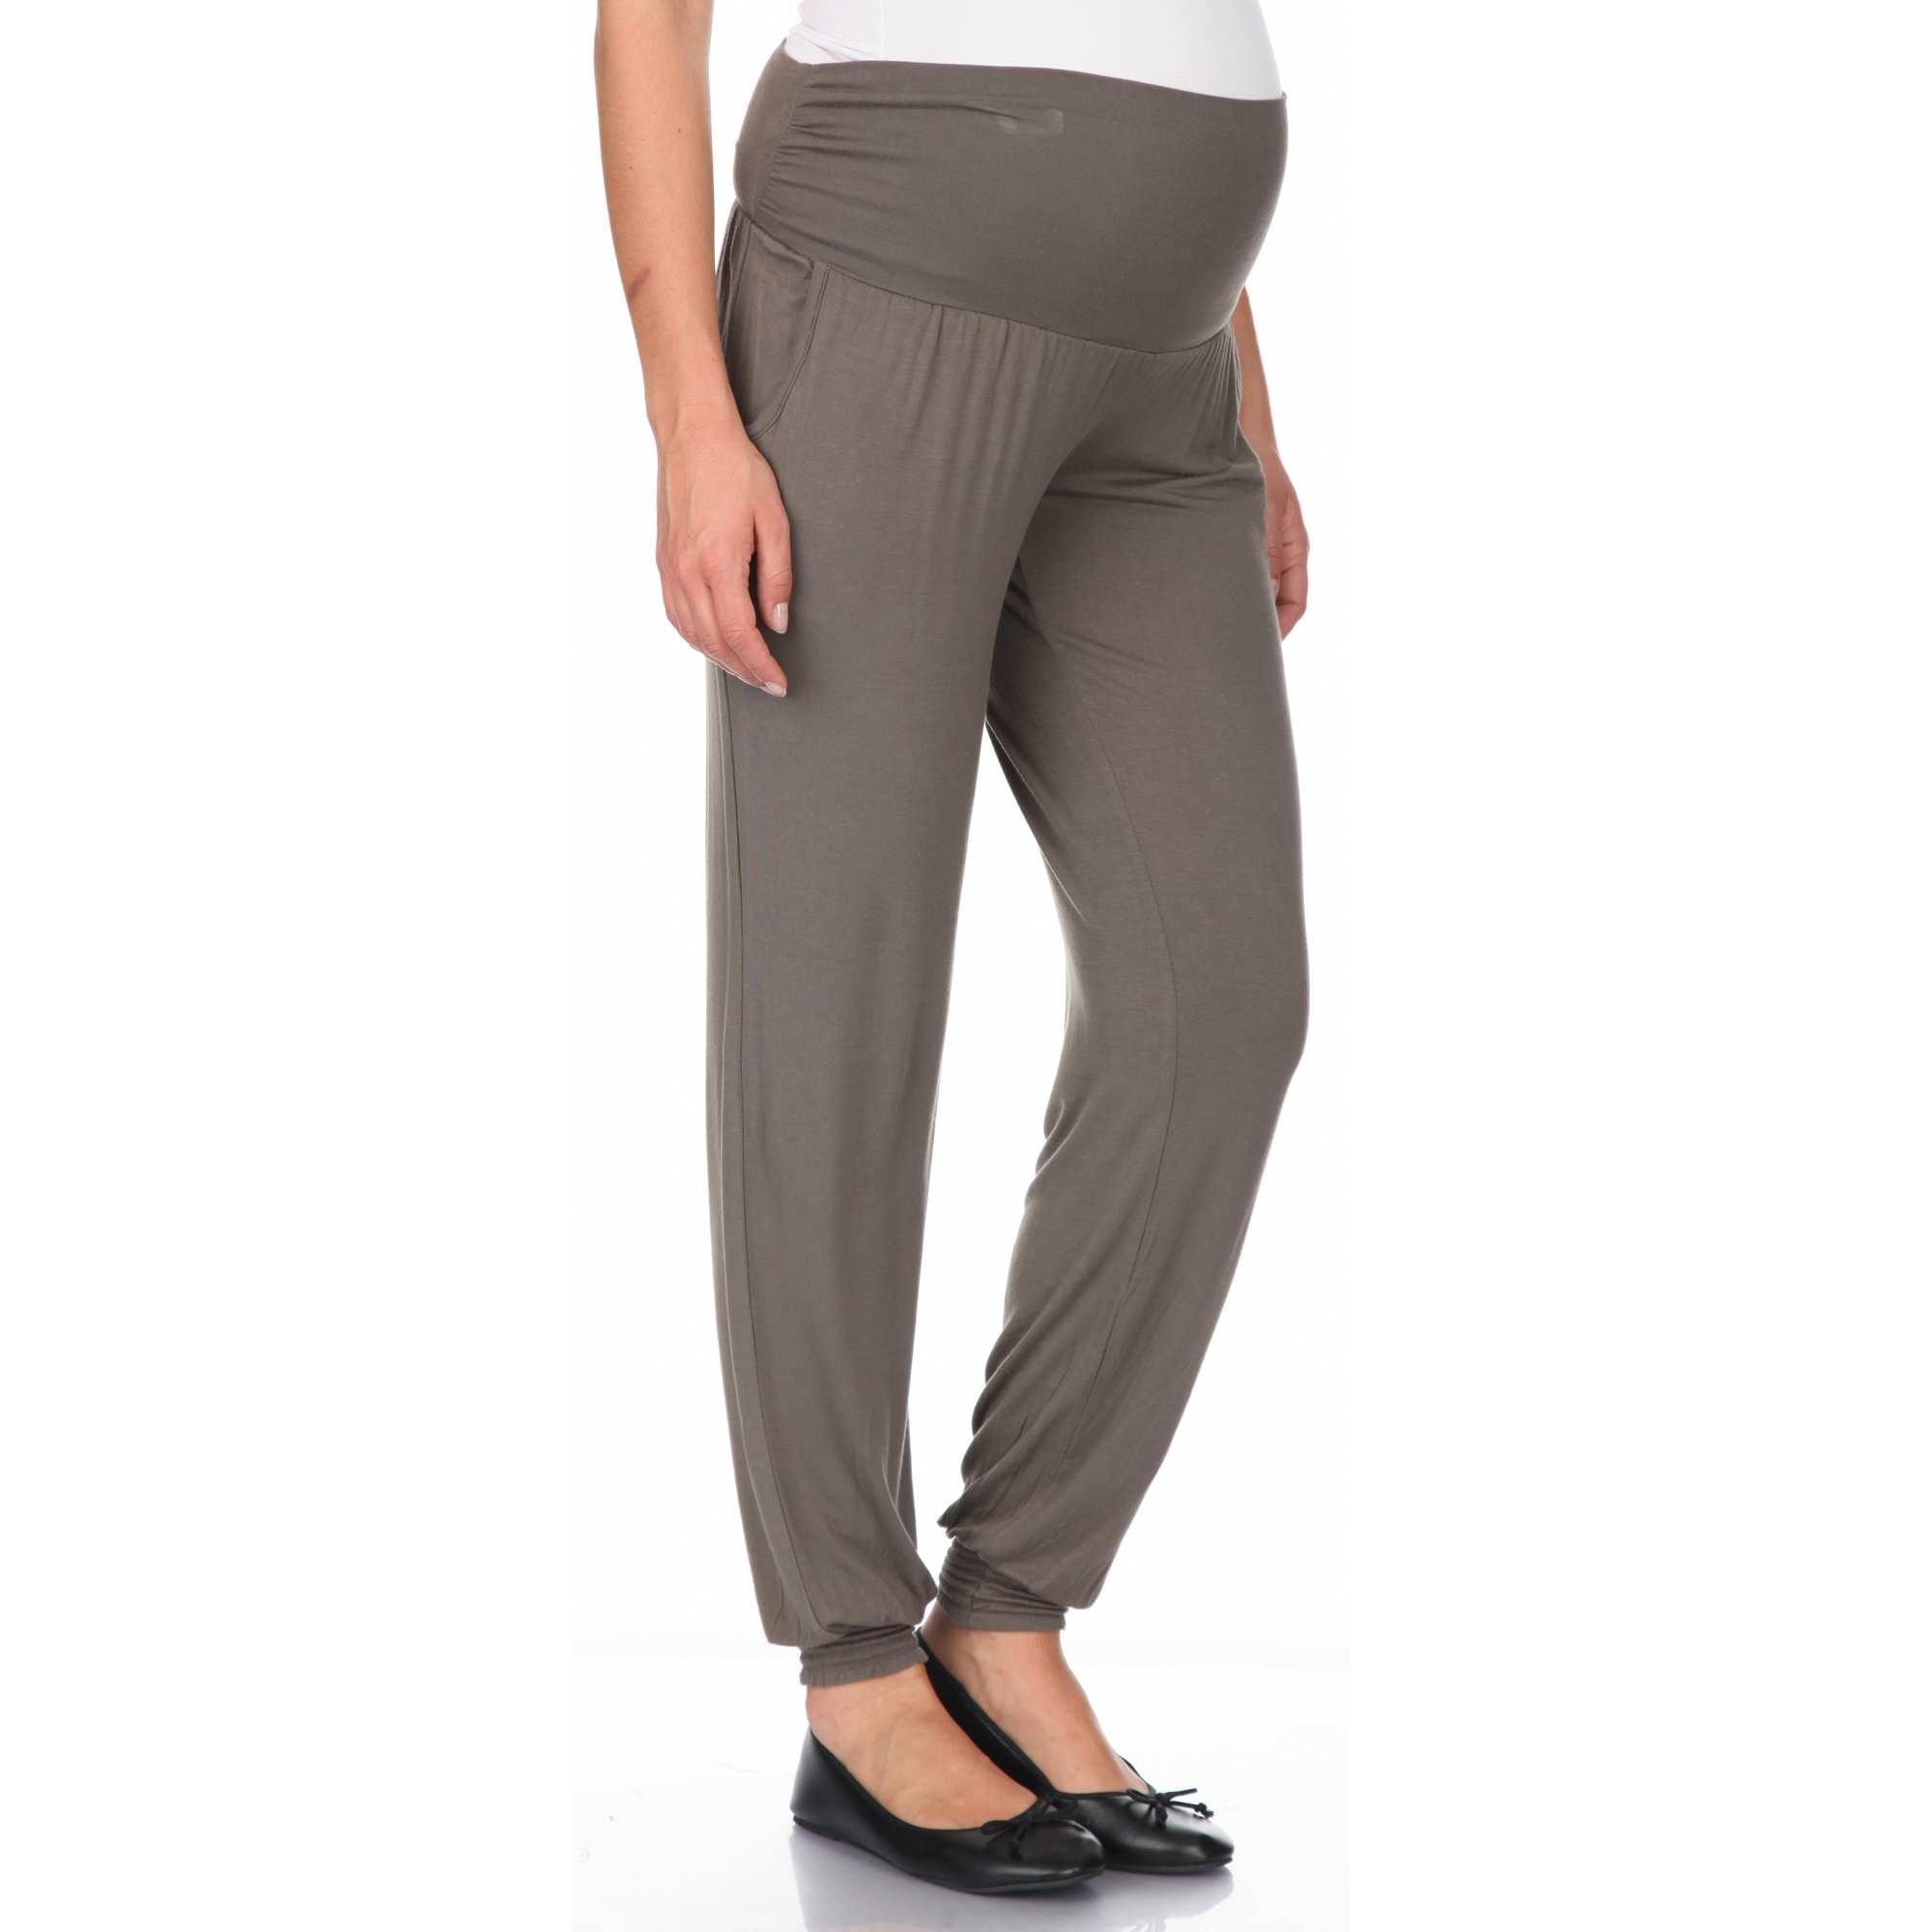 más baratas moda de lujo disfruta de un gran descuento Pantalón de estilo árabe en Kiabi   Ropa premamá: moda para ...